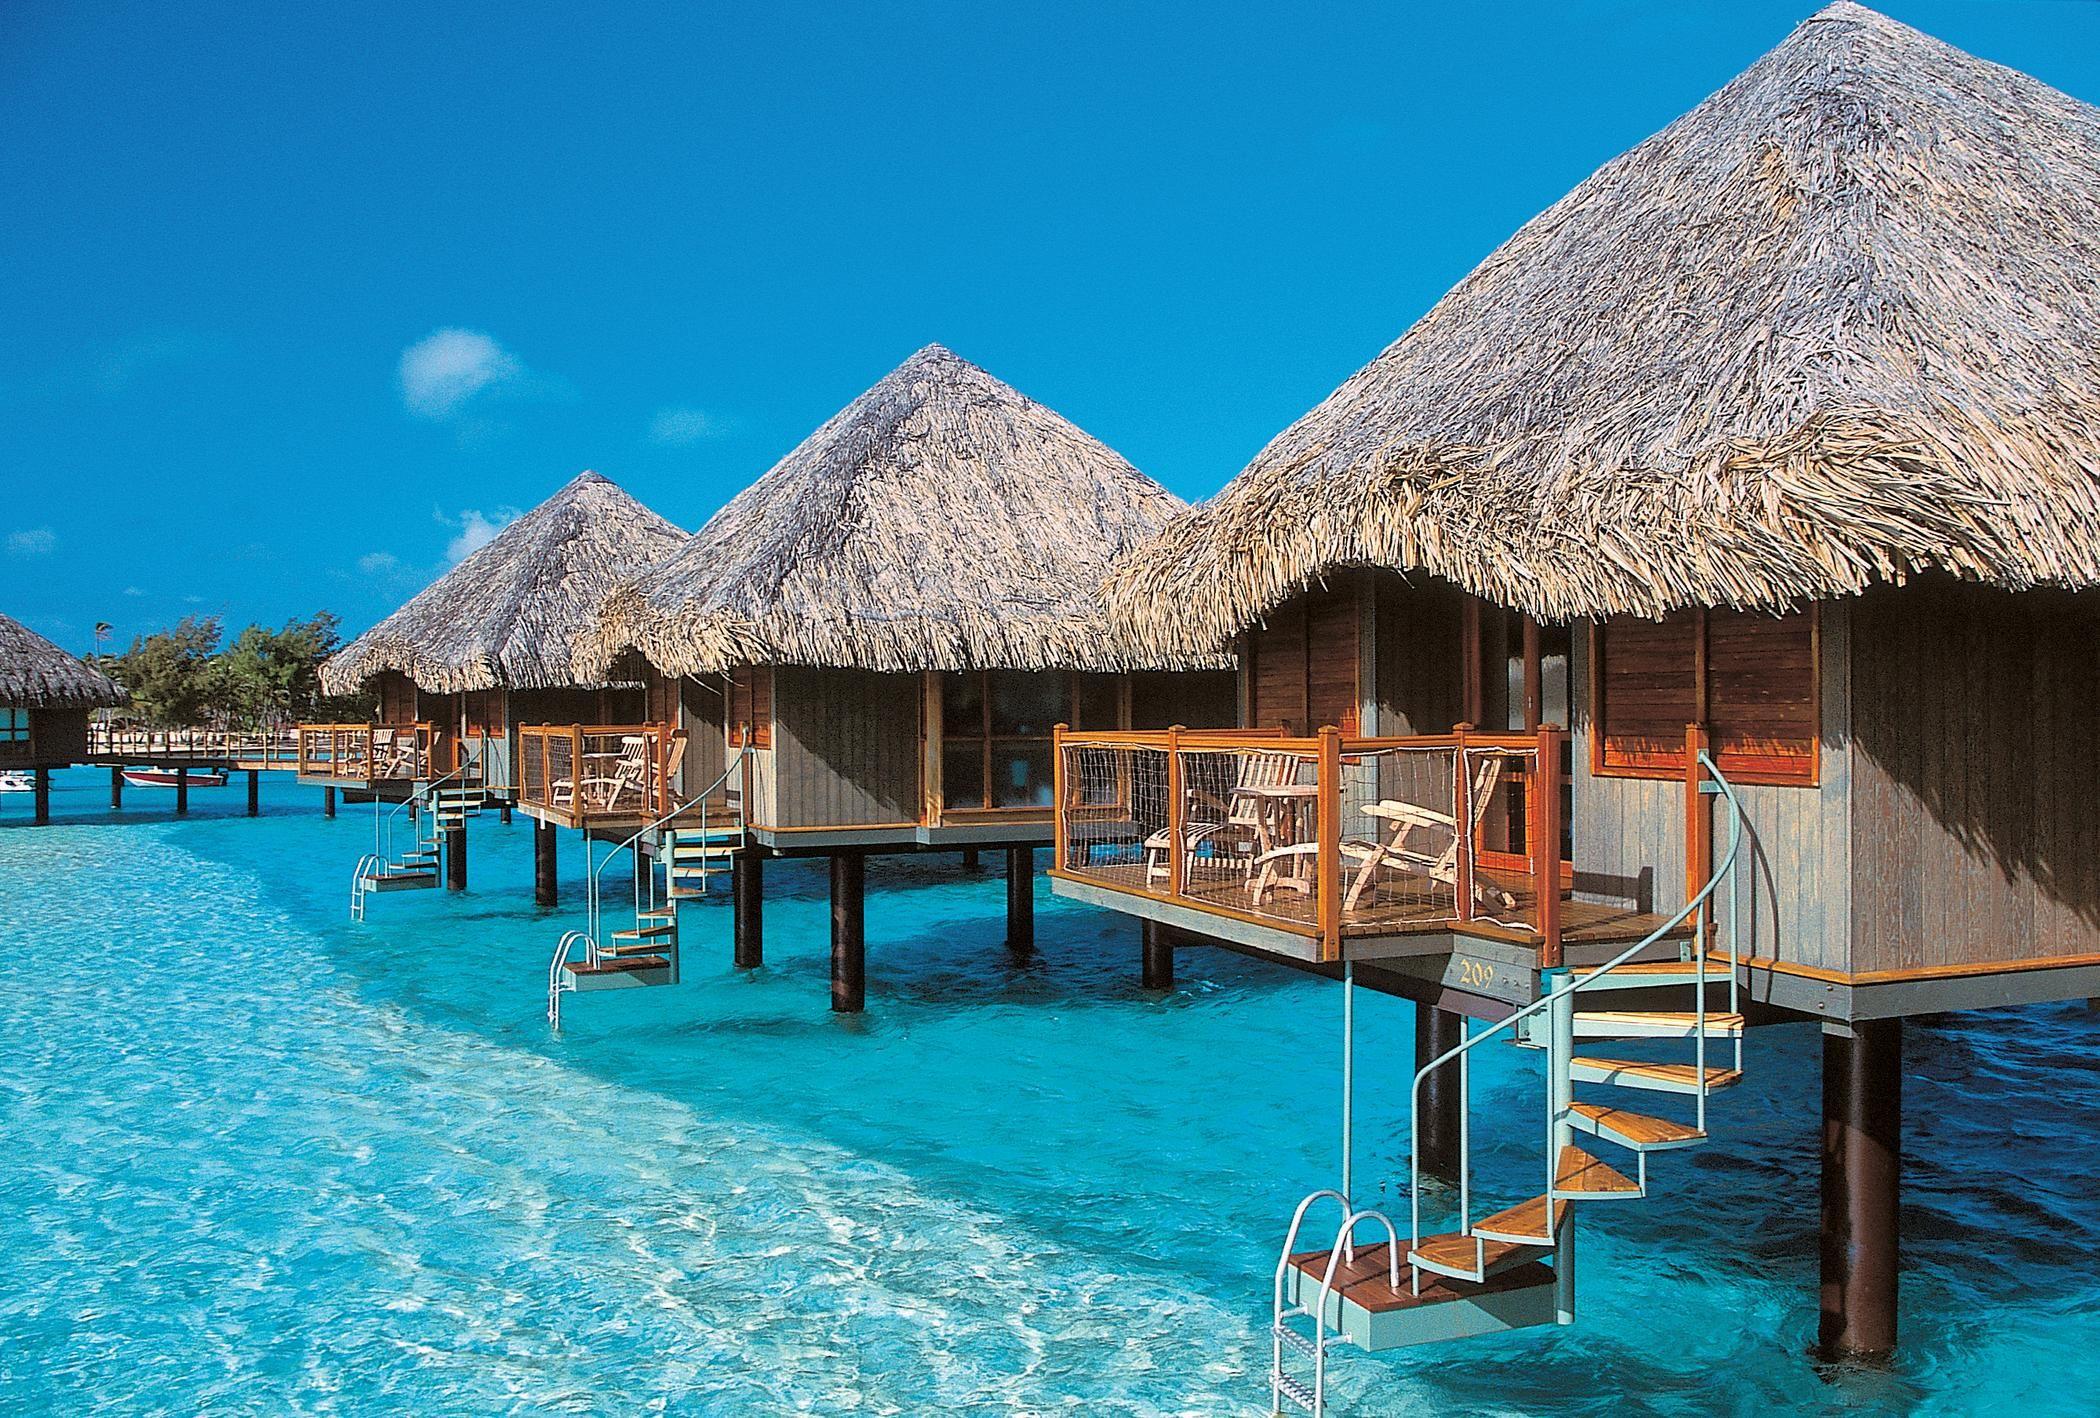 Le Meriden Bora Bora Premium Overwater Bungalow Dream